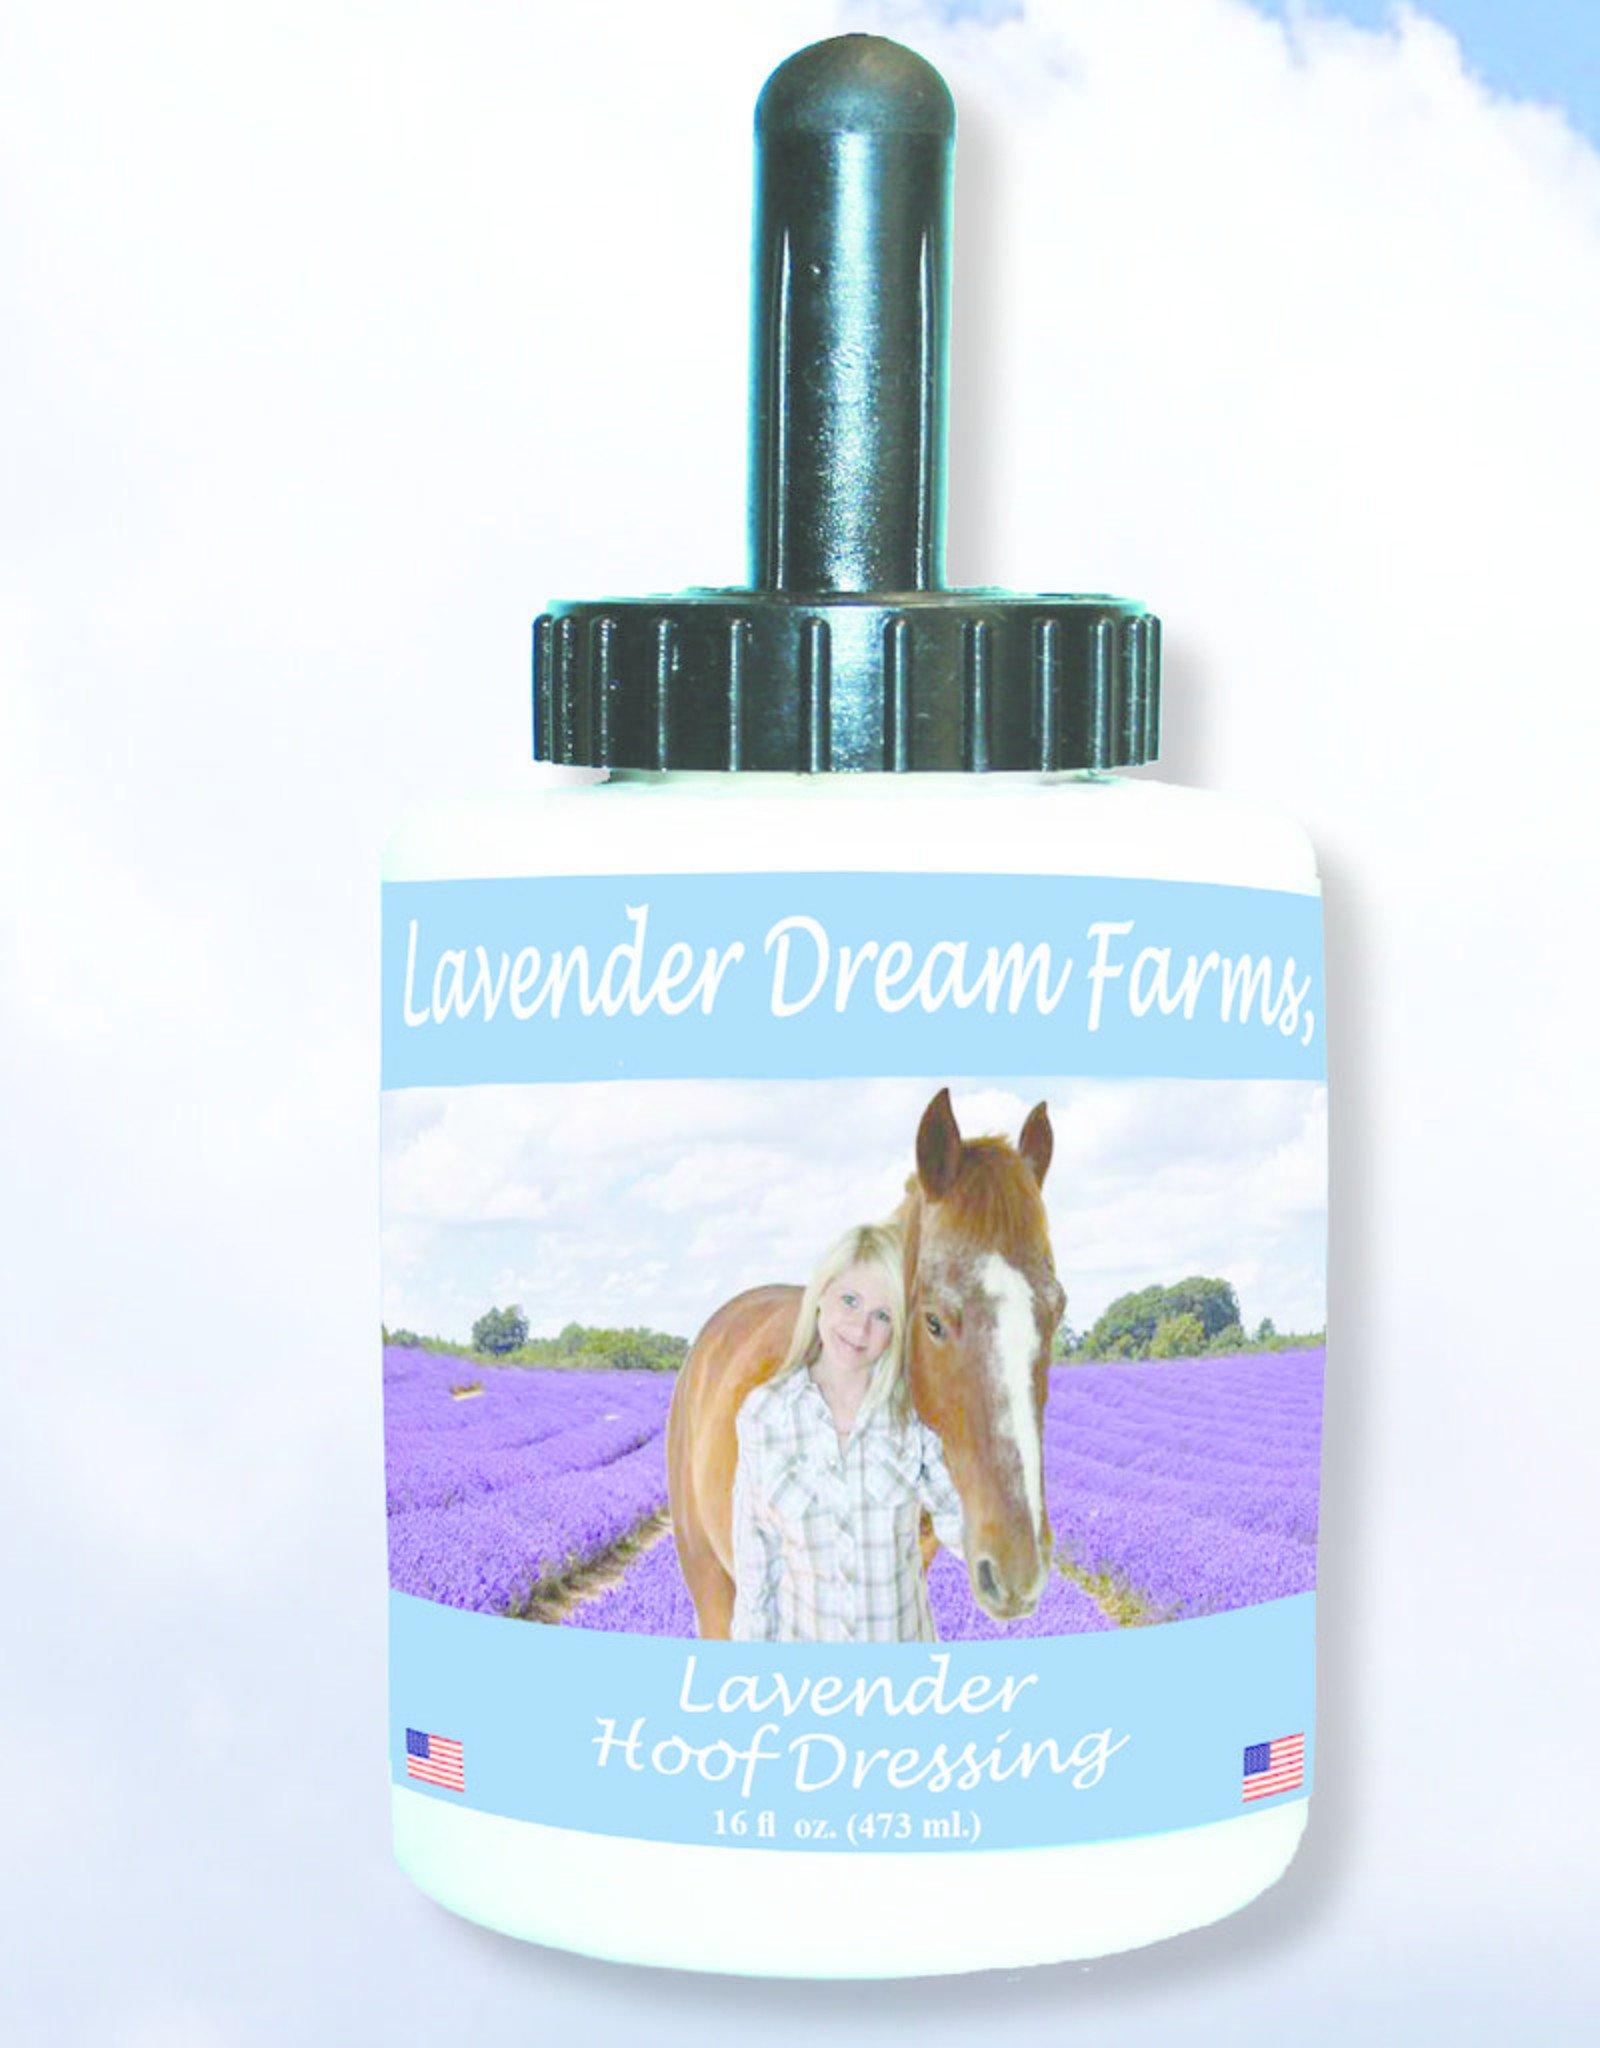 Lavender Dream Farms Lavender Dreams Hoof Dressing - 16oz